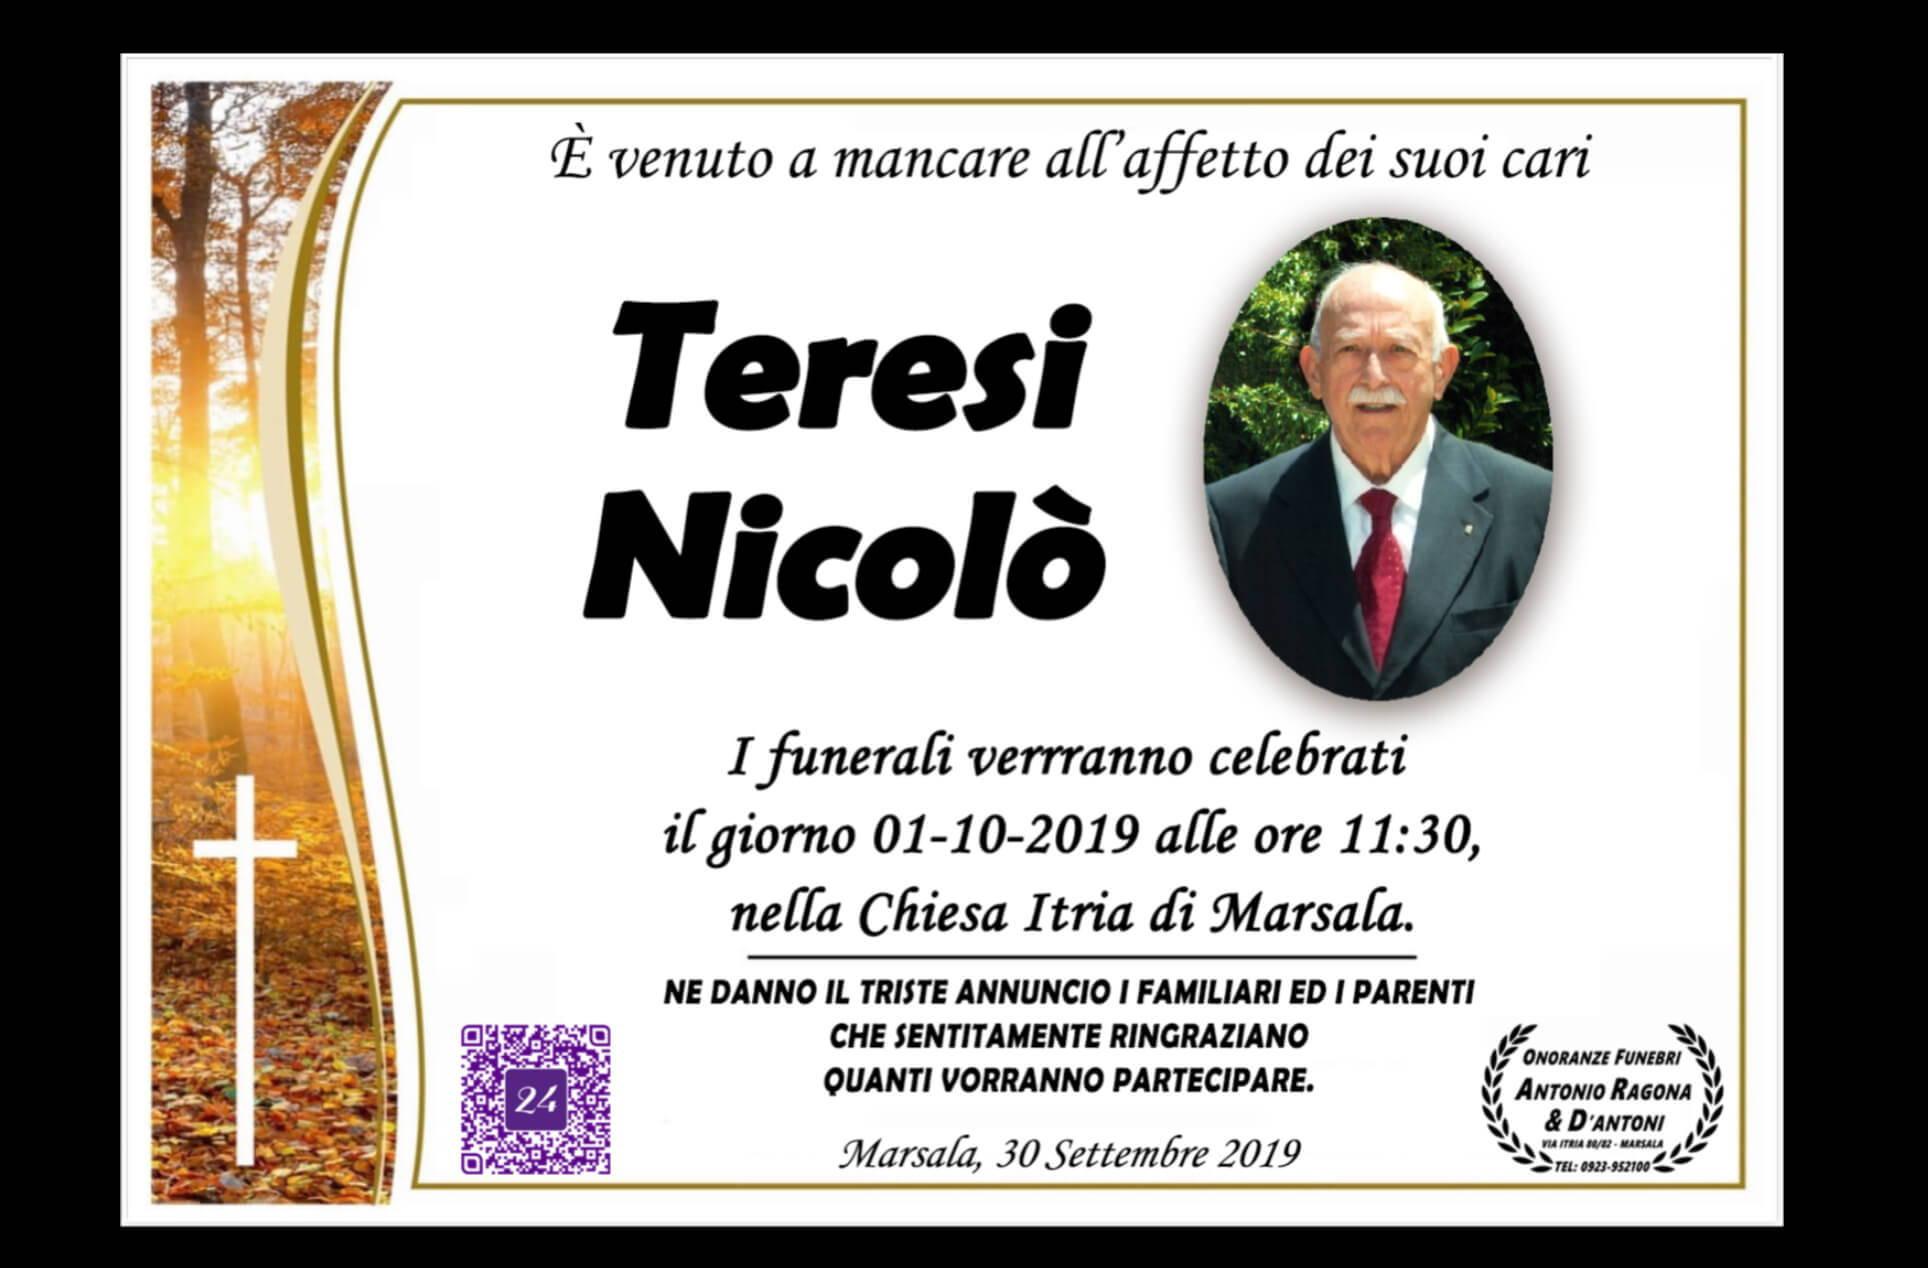 Nicolò Teresi